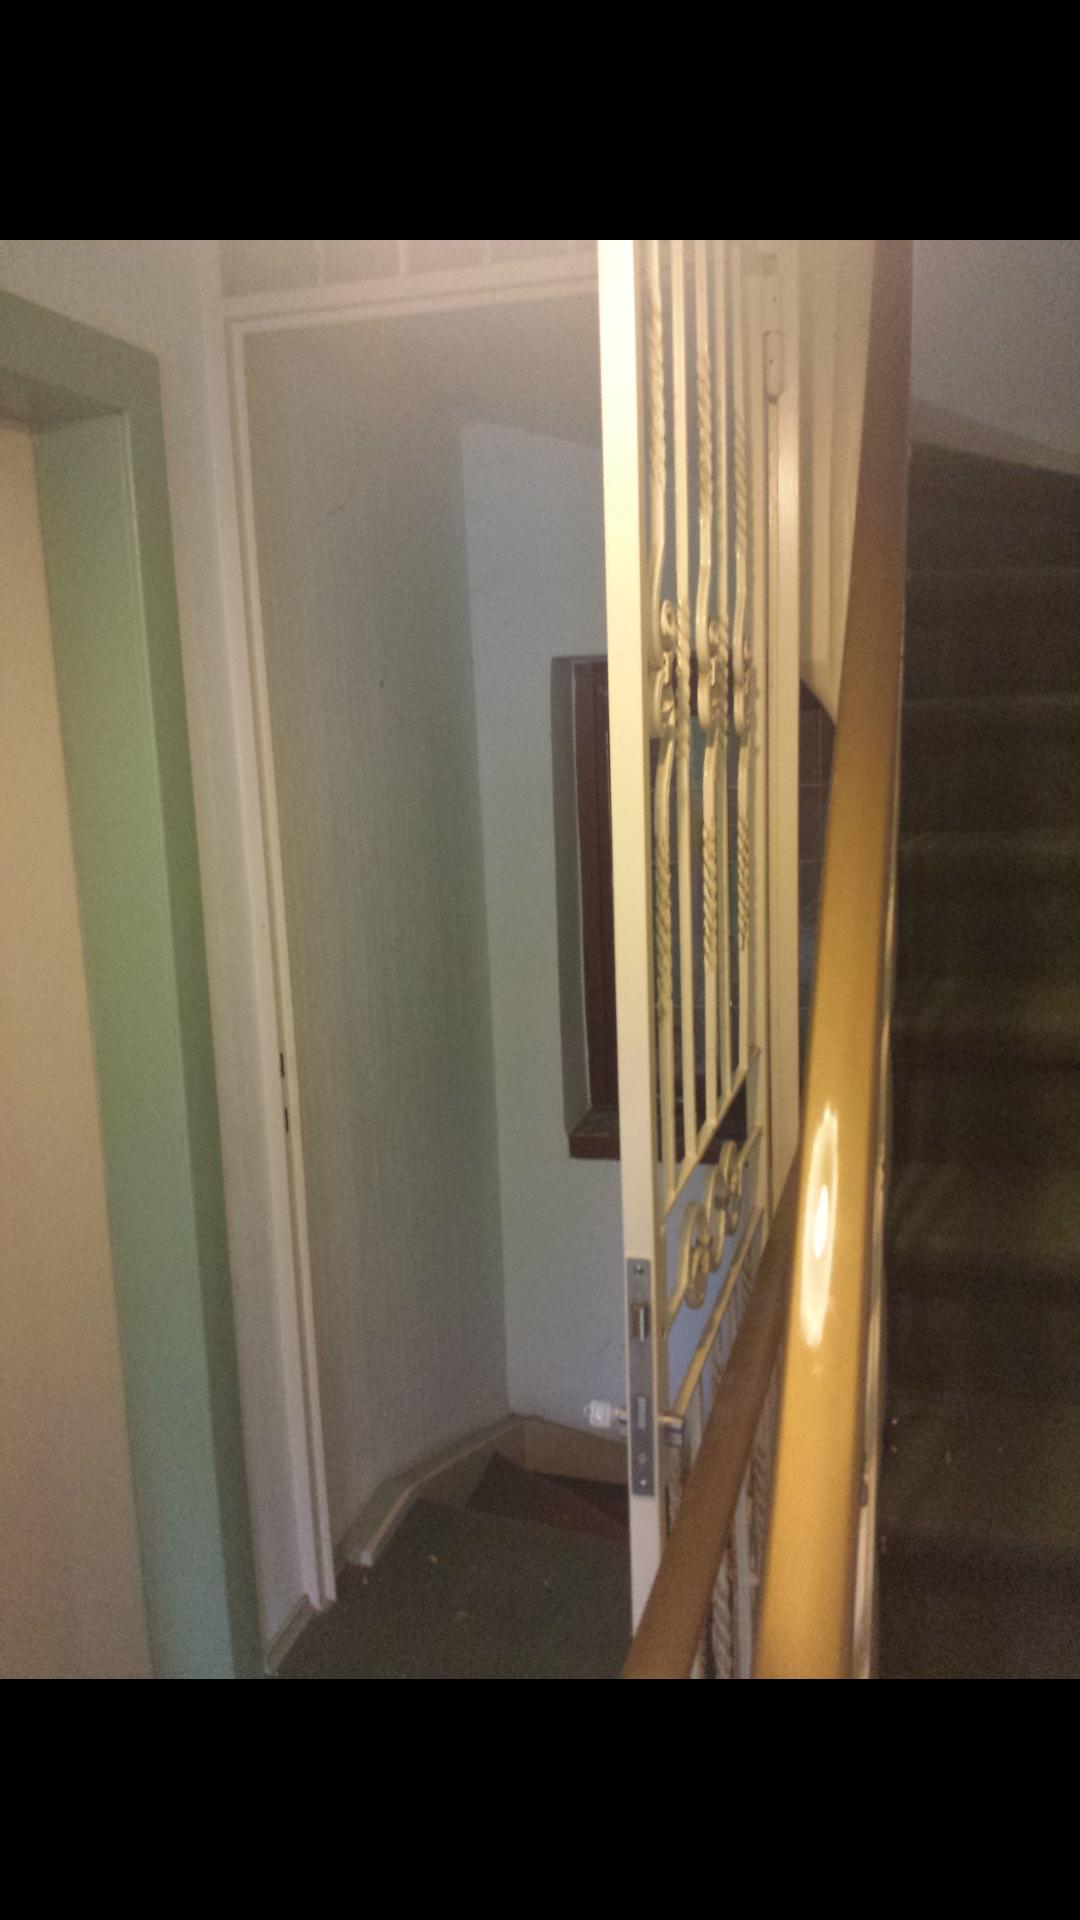 Offenes treppenhaus abtrennen  Wie kann ich das Treppenhaus abtrennen? (Haus, Wohnung, Etage)